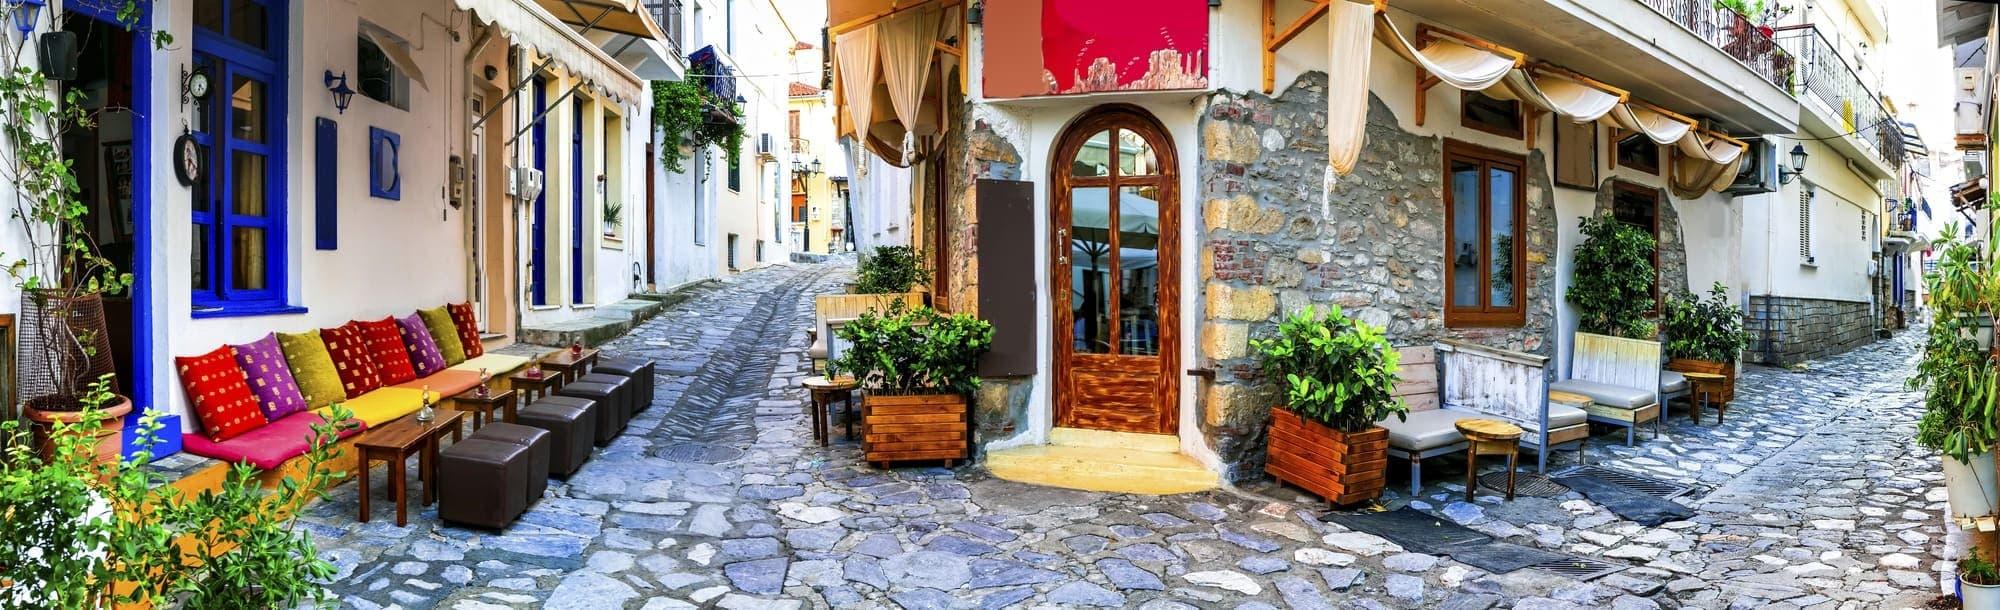 Græske øer. Charmerende gamle gader i Skiathos, Grækenland